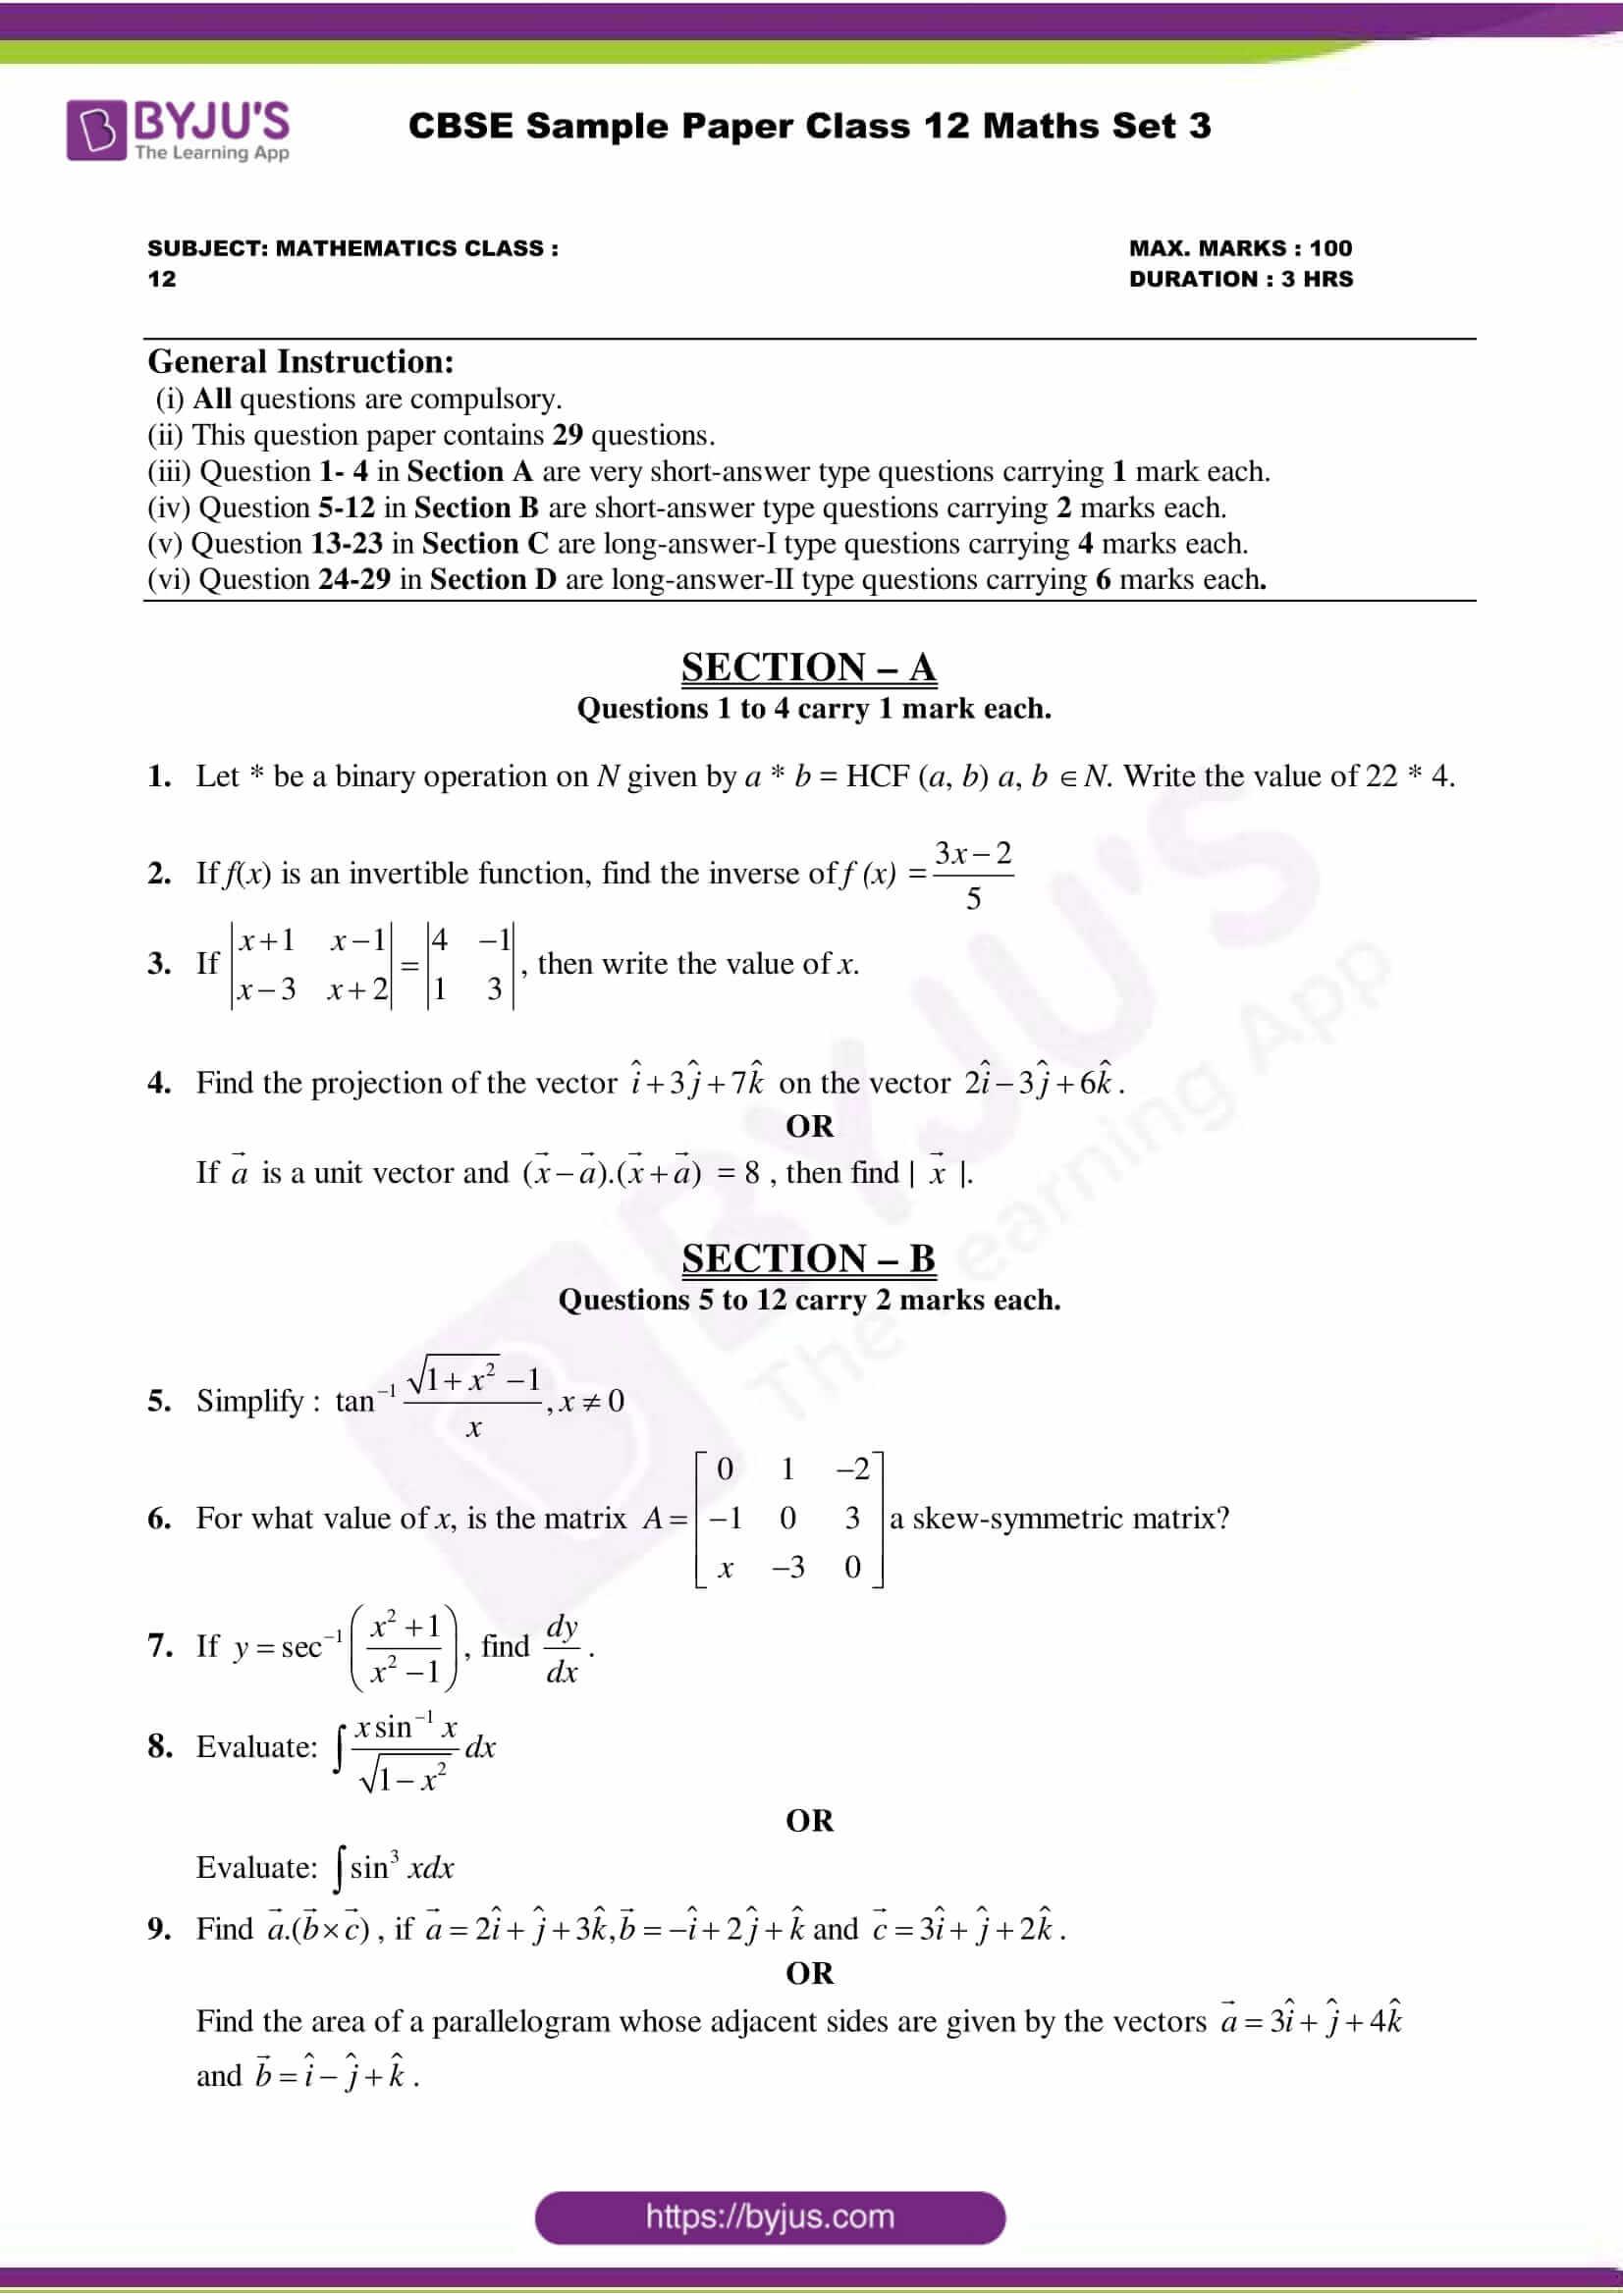 cbse class 12 maths sample paper set 3